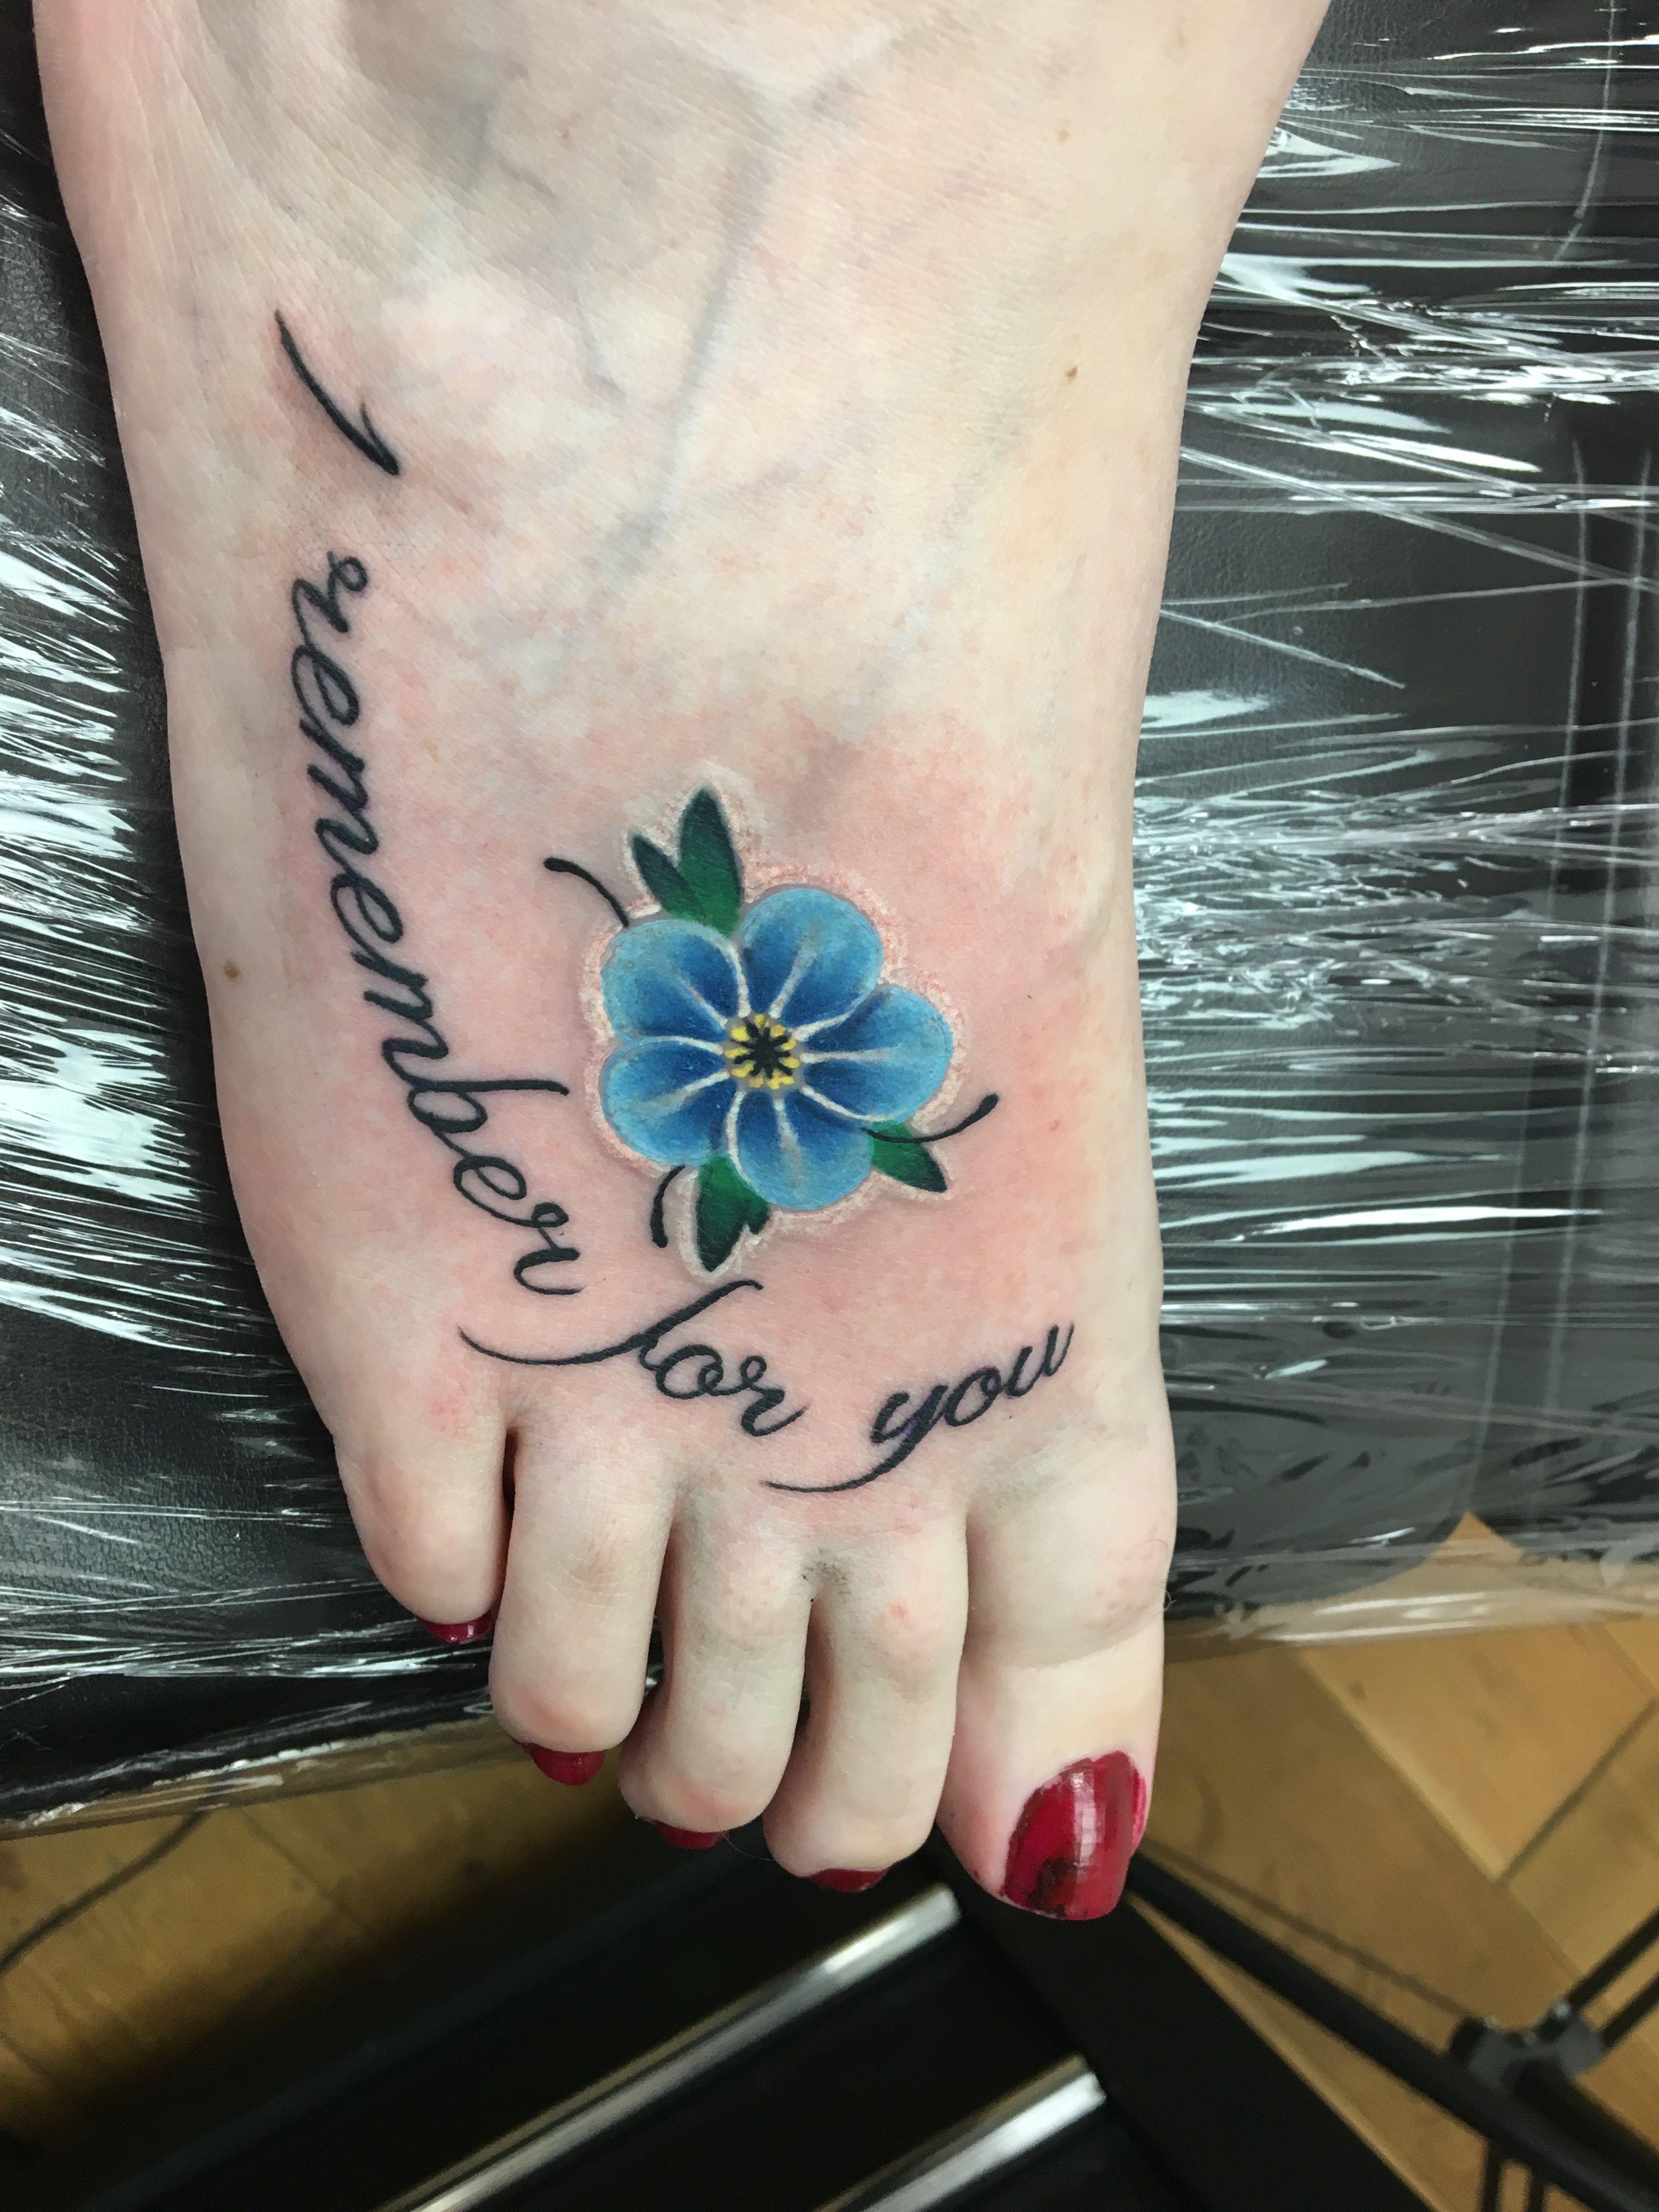 15cb2e81bf779 Alzheimer's and Dementia tattoo | Tattoos | Tattoos, New tattoos ...